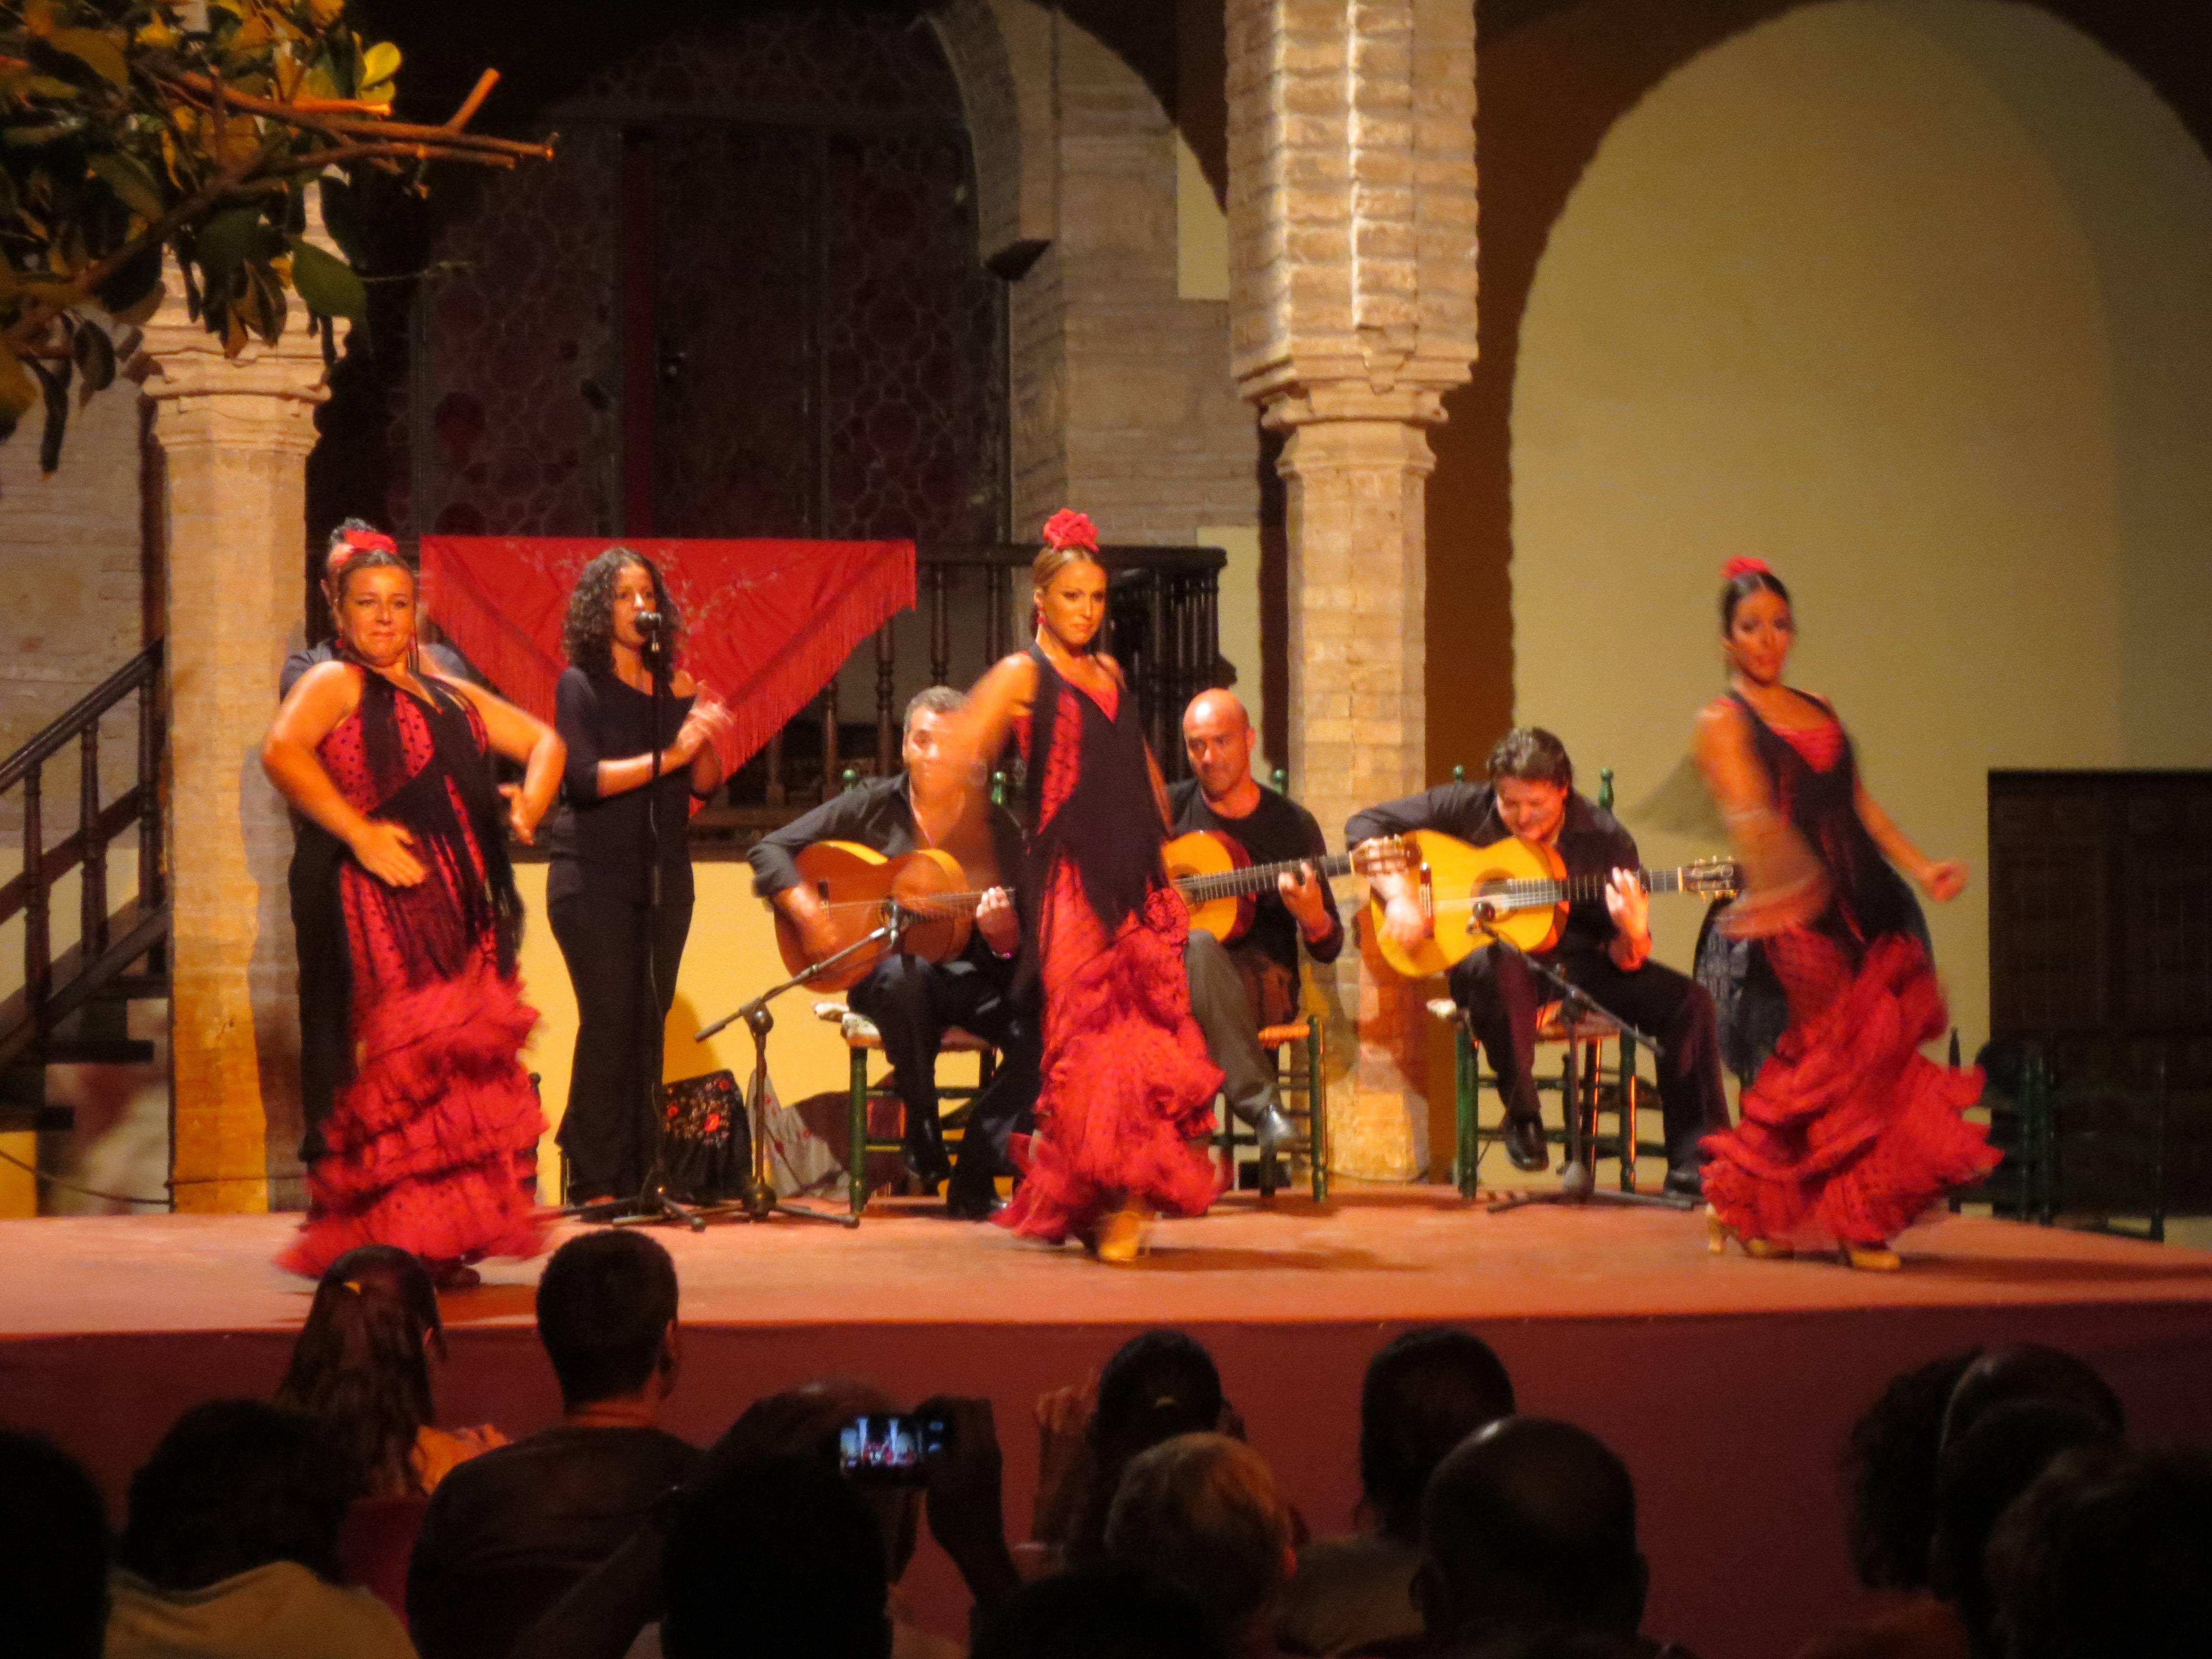 Photo 3: spectacle de flamenco dans un cadre magnifique